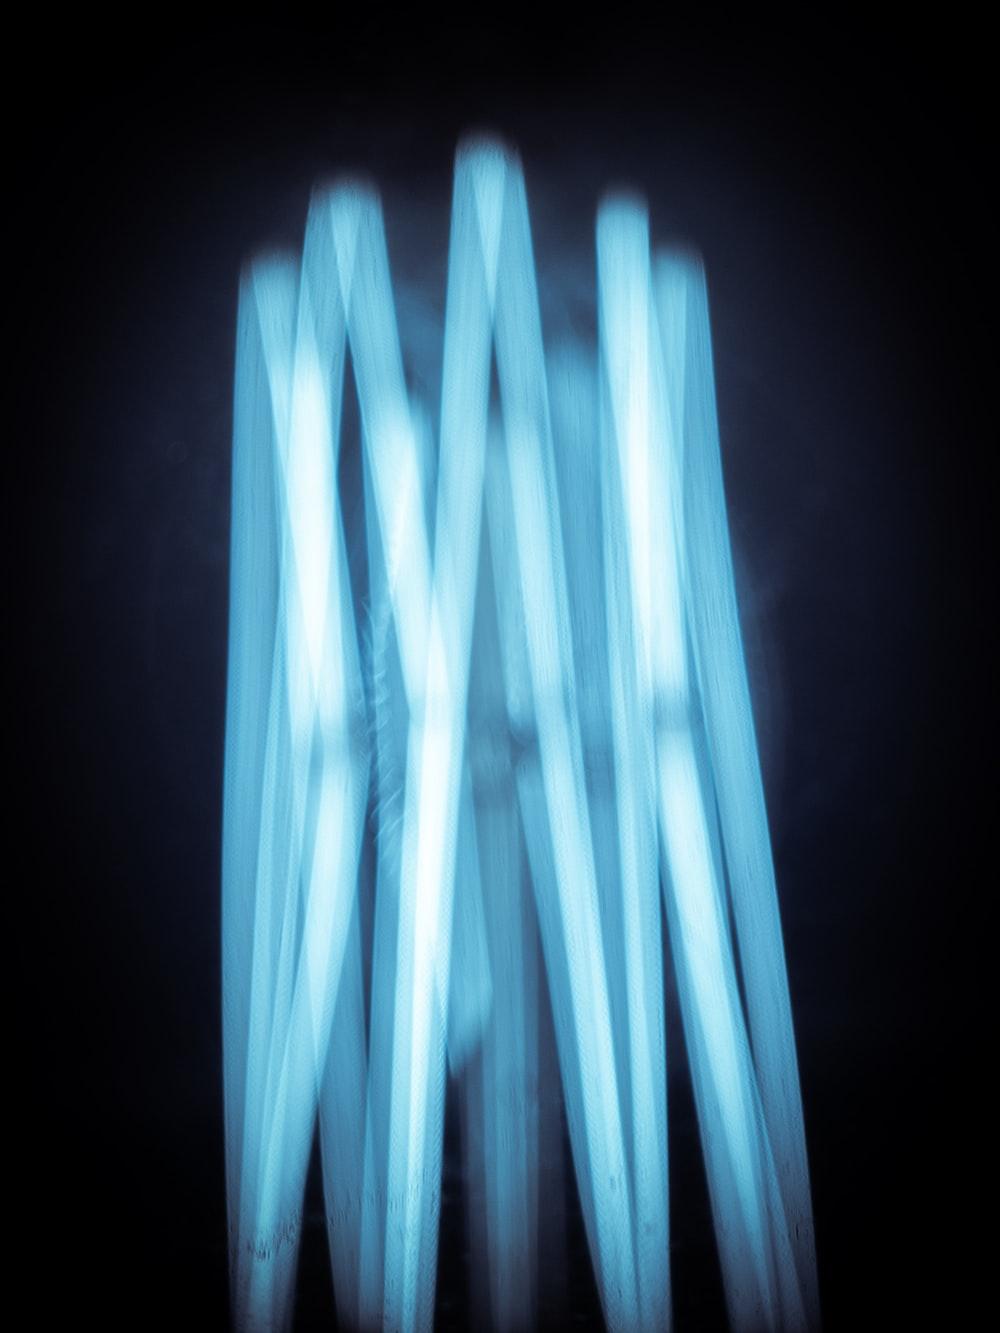 turned-on blue LED light fixture